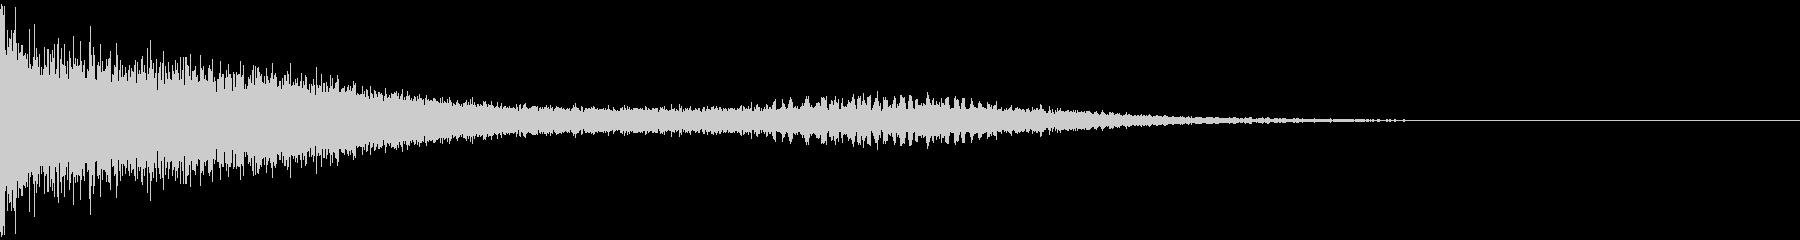 ビュイーーン(魔法攻撃)の未再生の波形